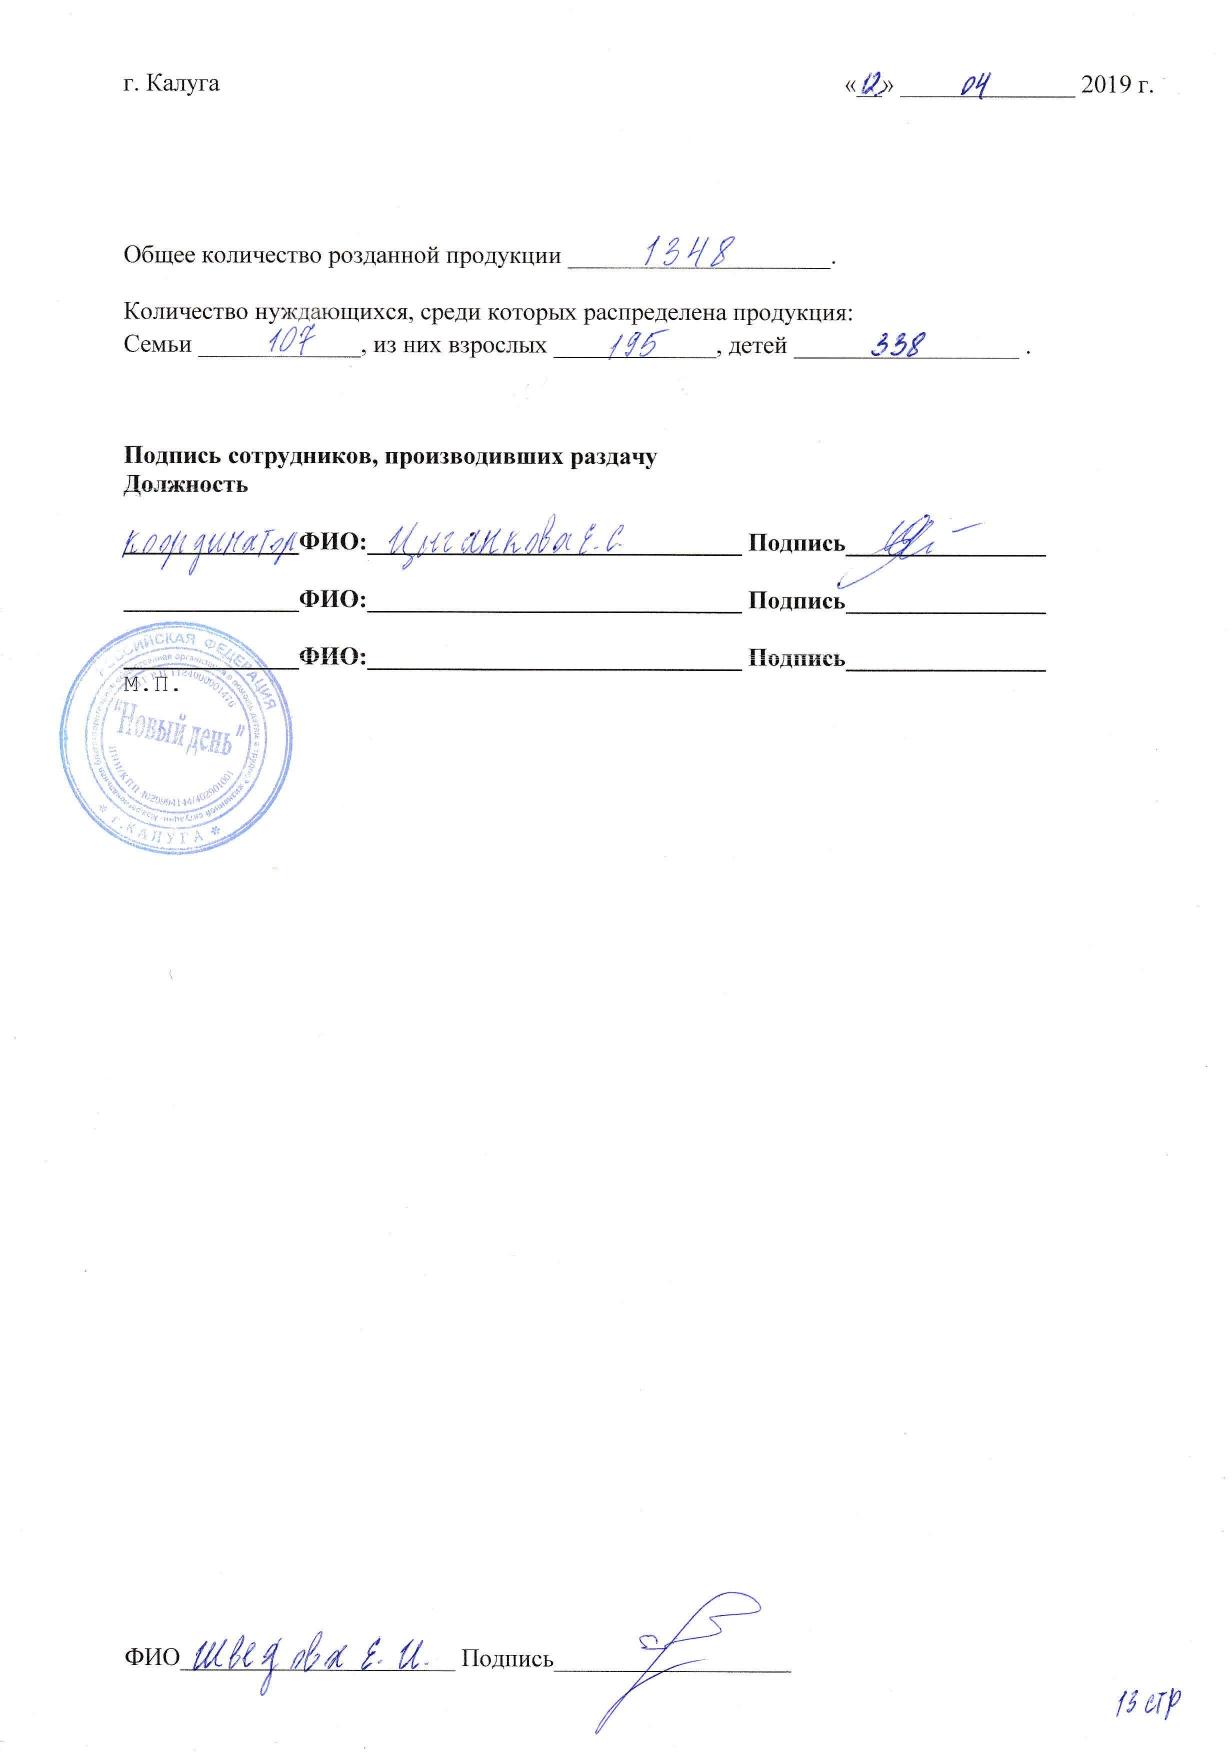 Молочка кол-во 12.04.2019